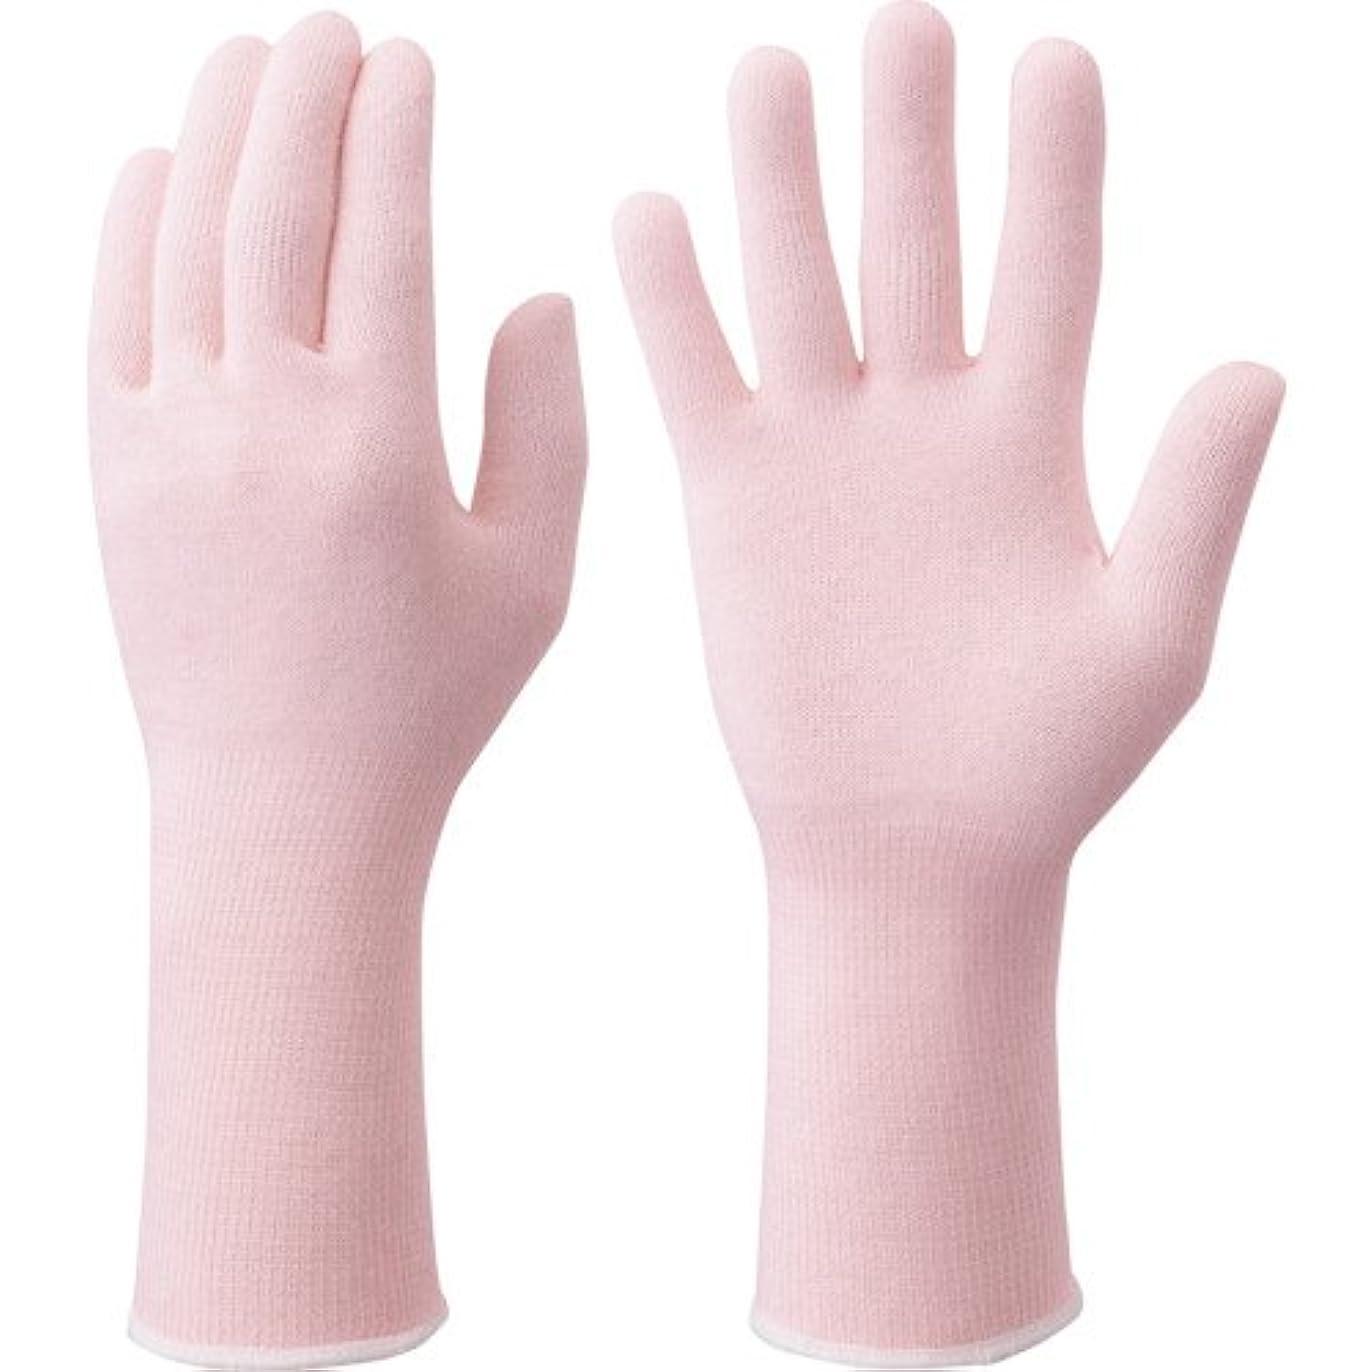 のためチップ確実手肌をいたわる手袋フリーピンク